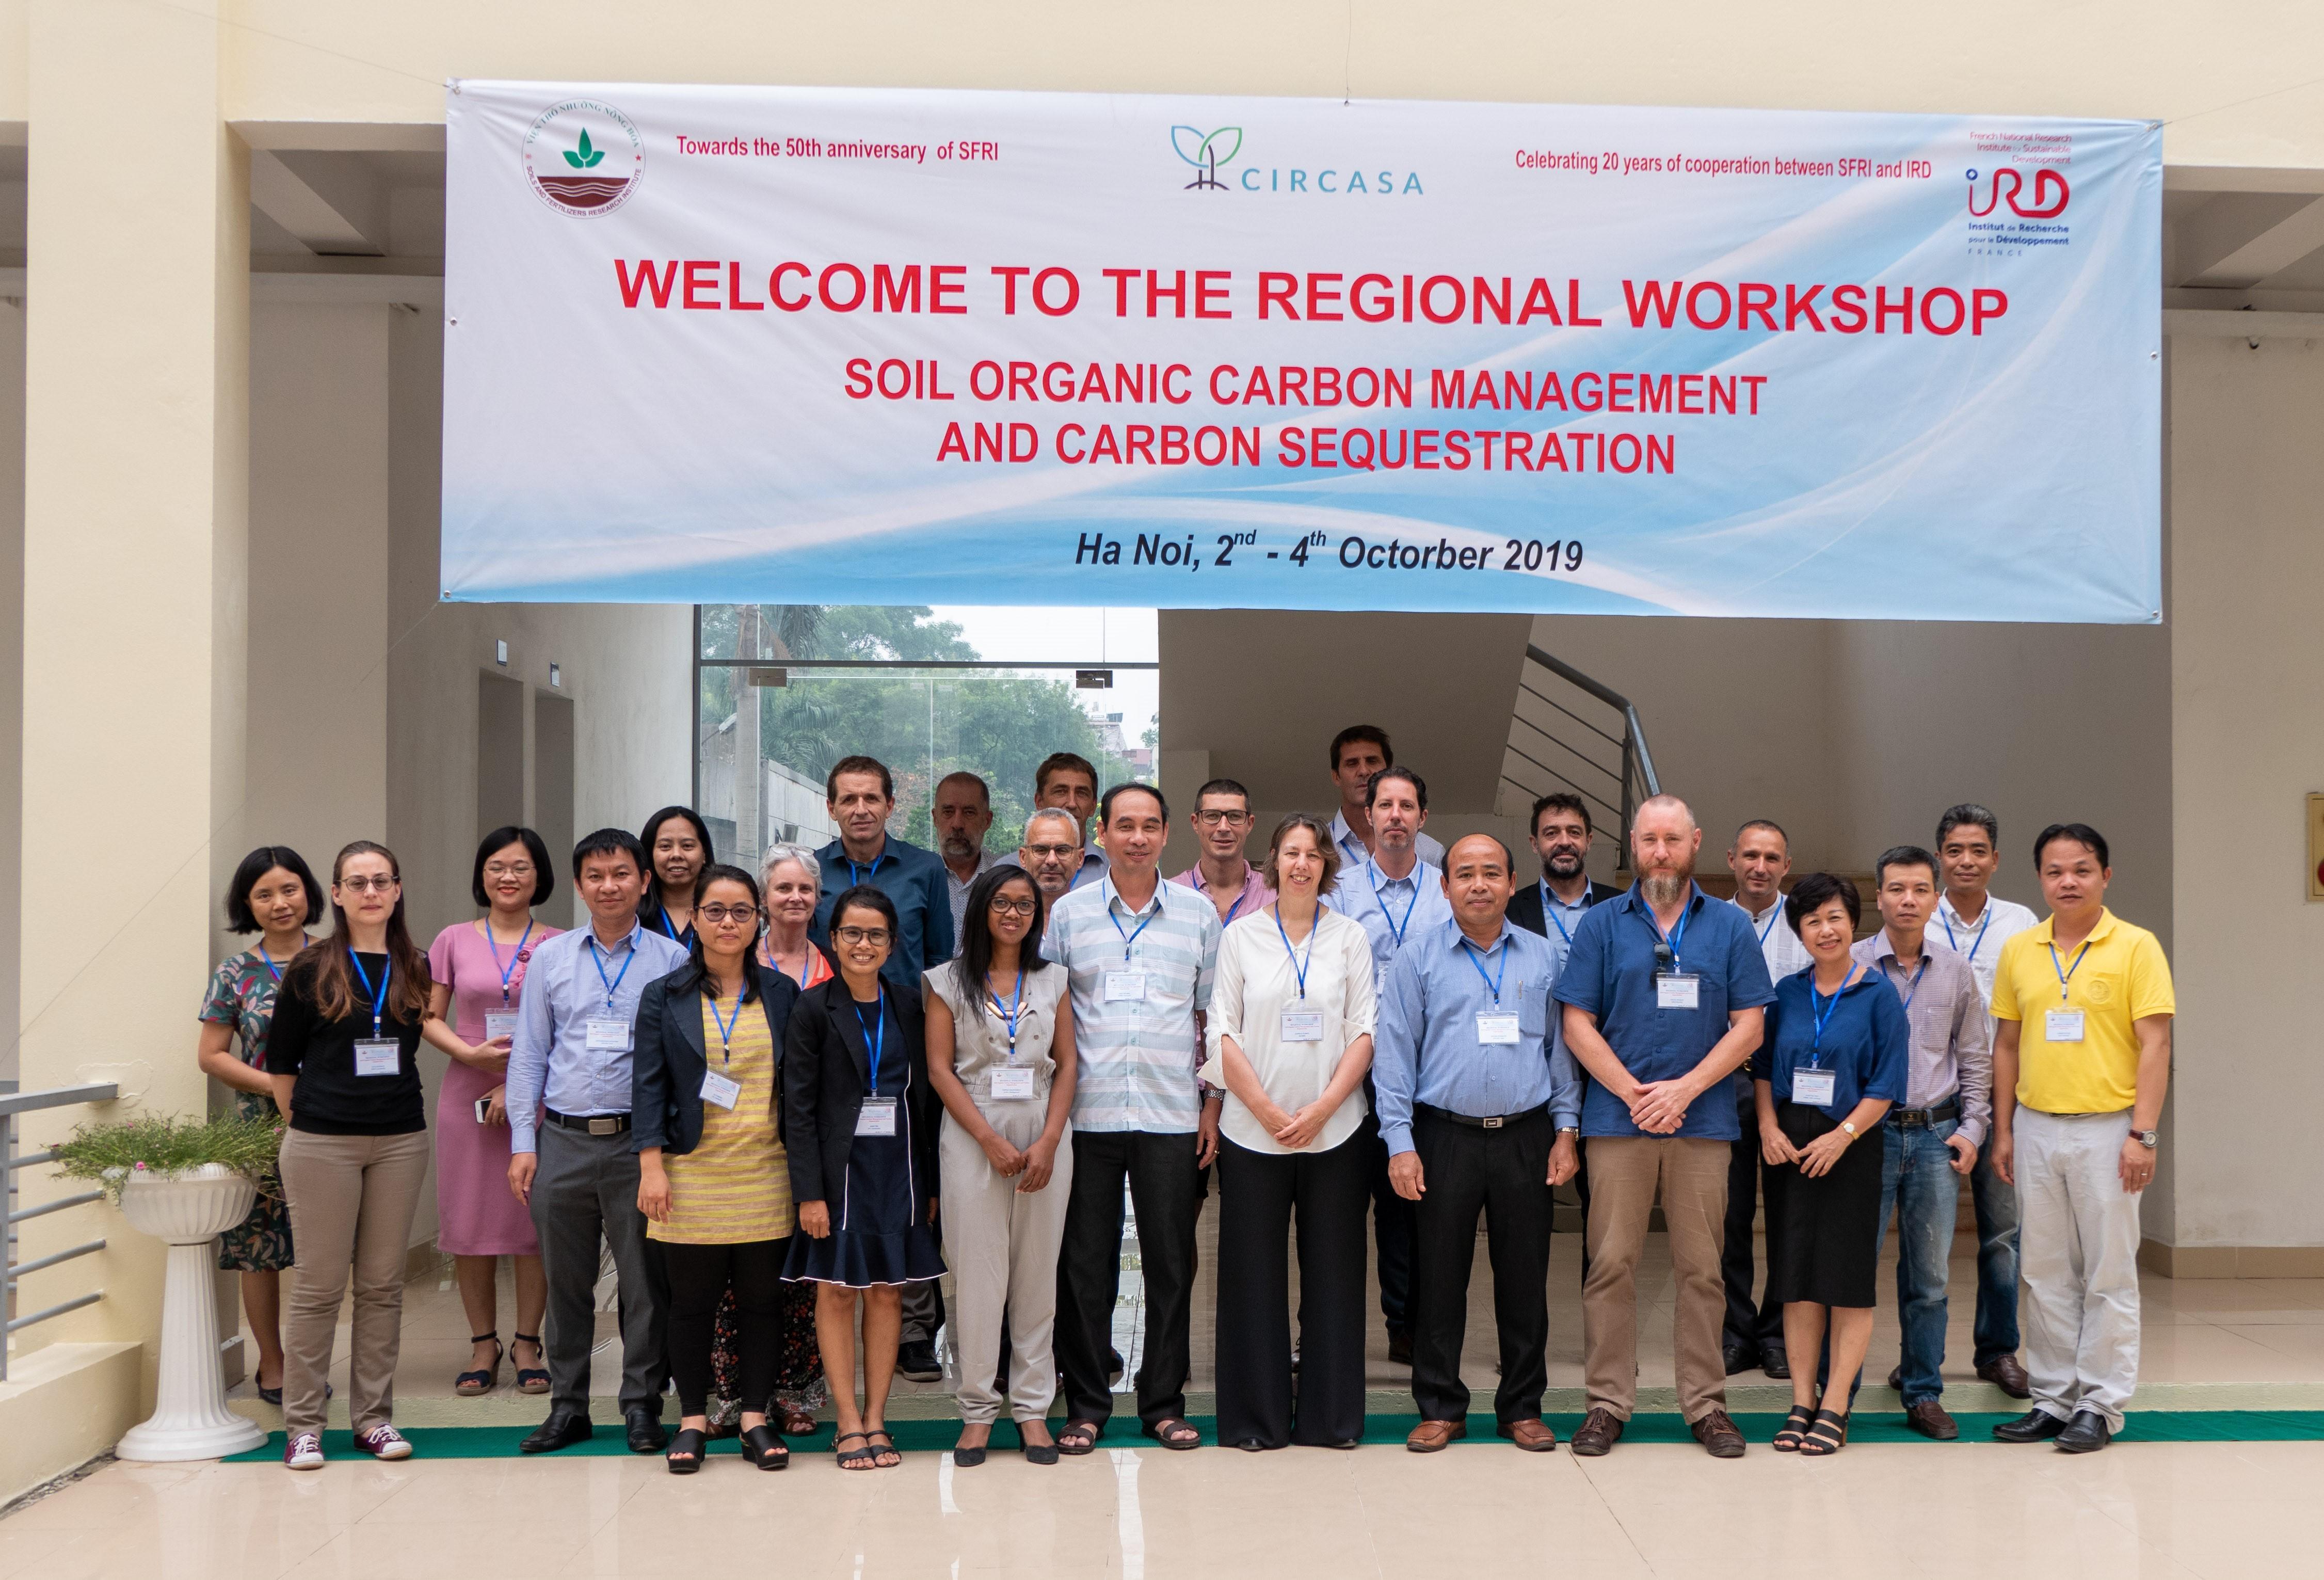 Hội thảo vùng về quản lý cacbon hữu cơ